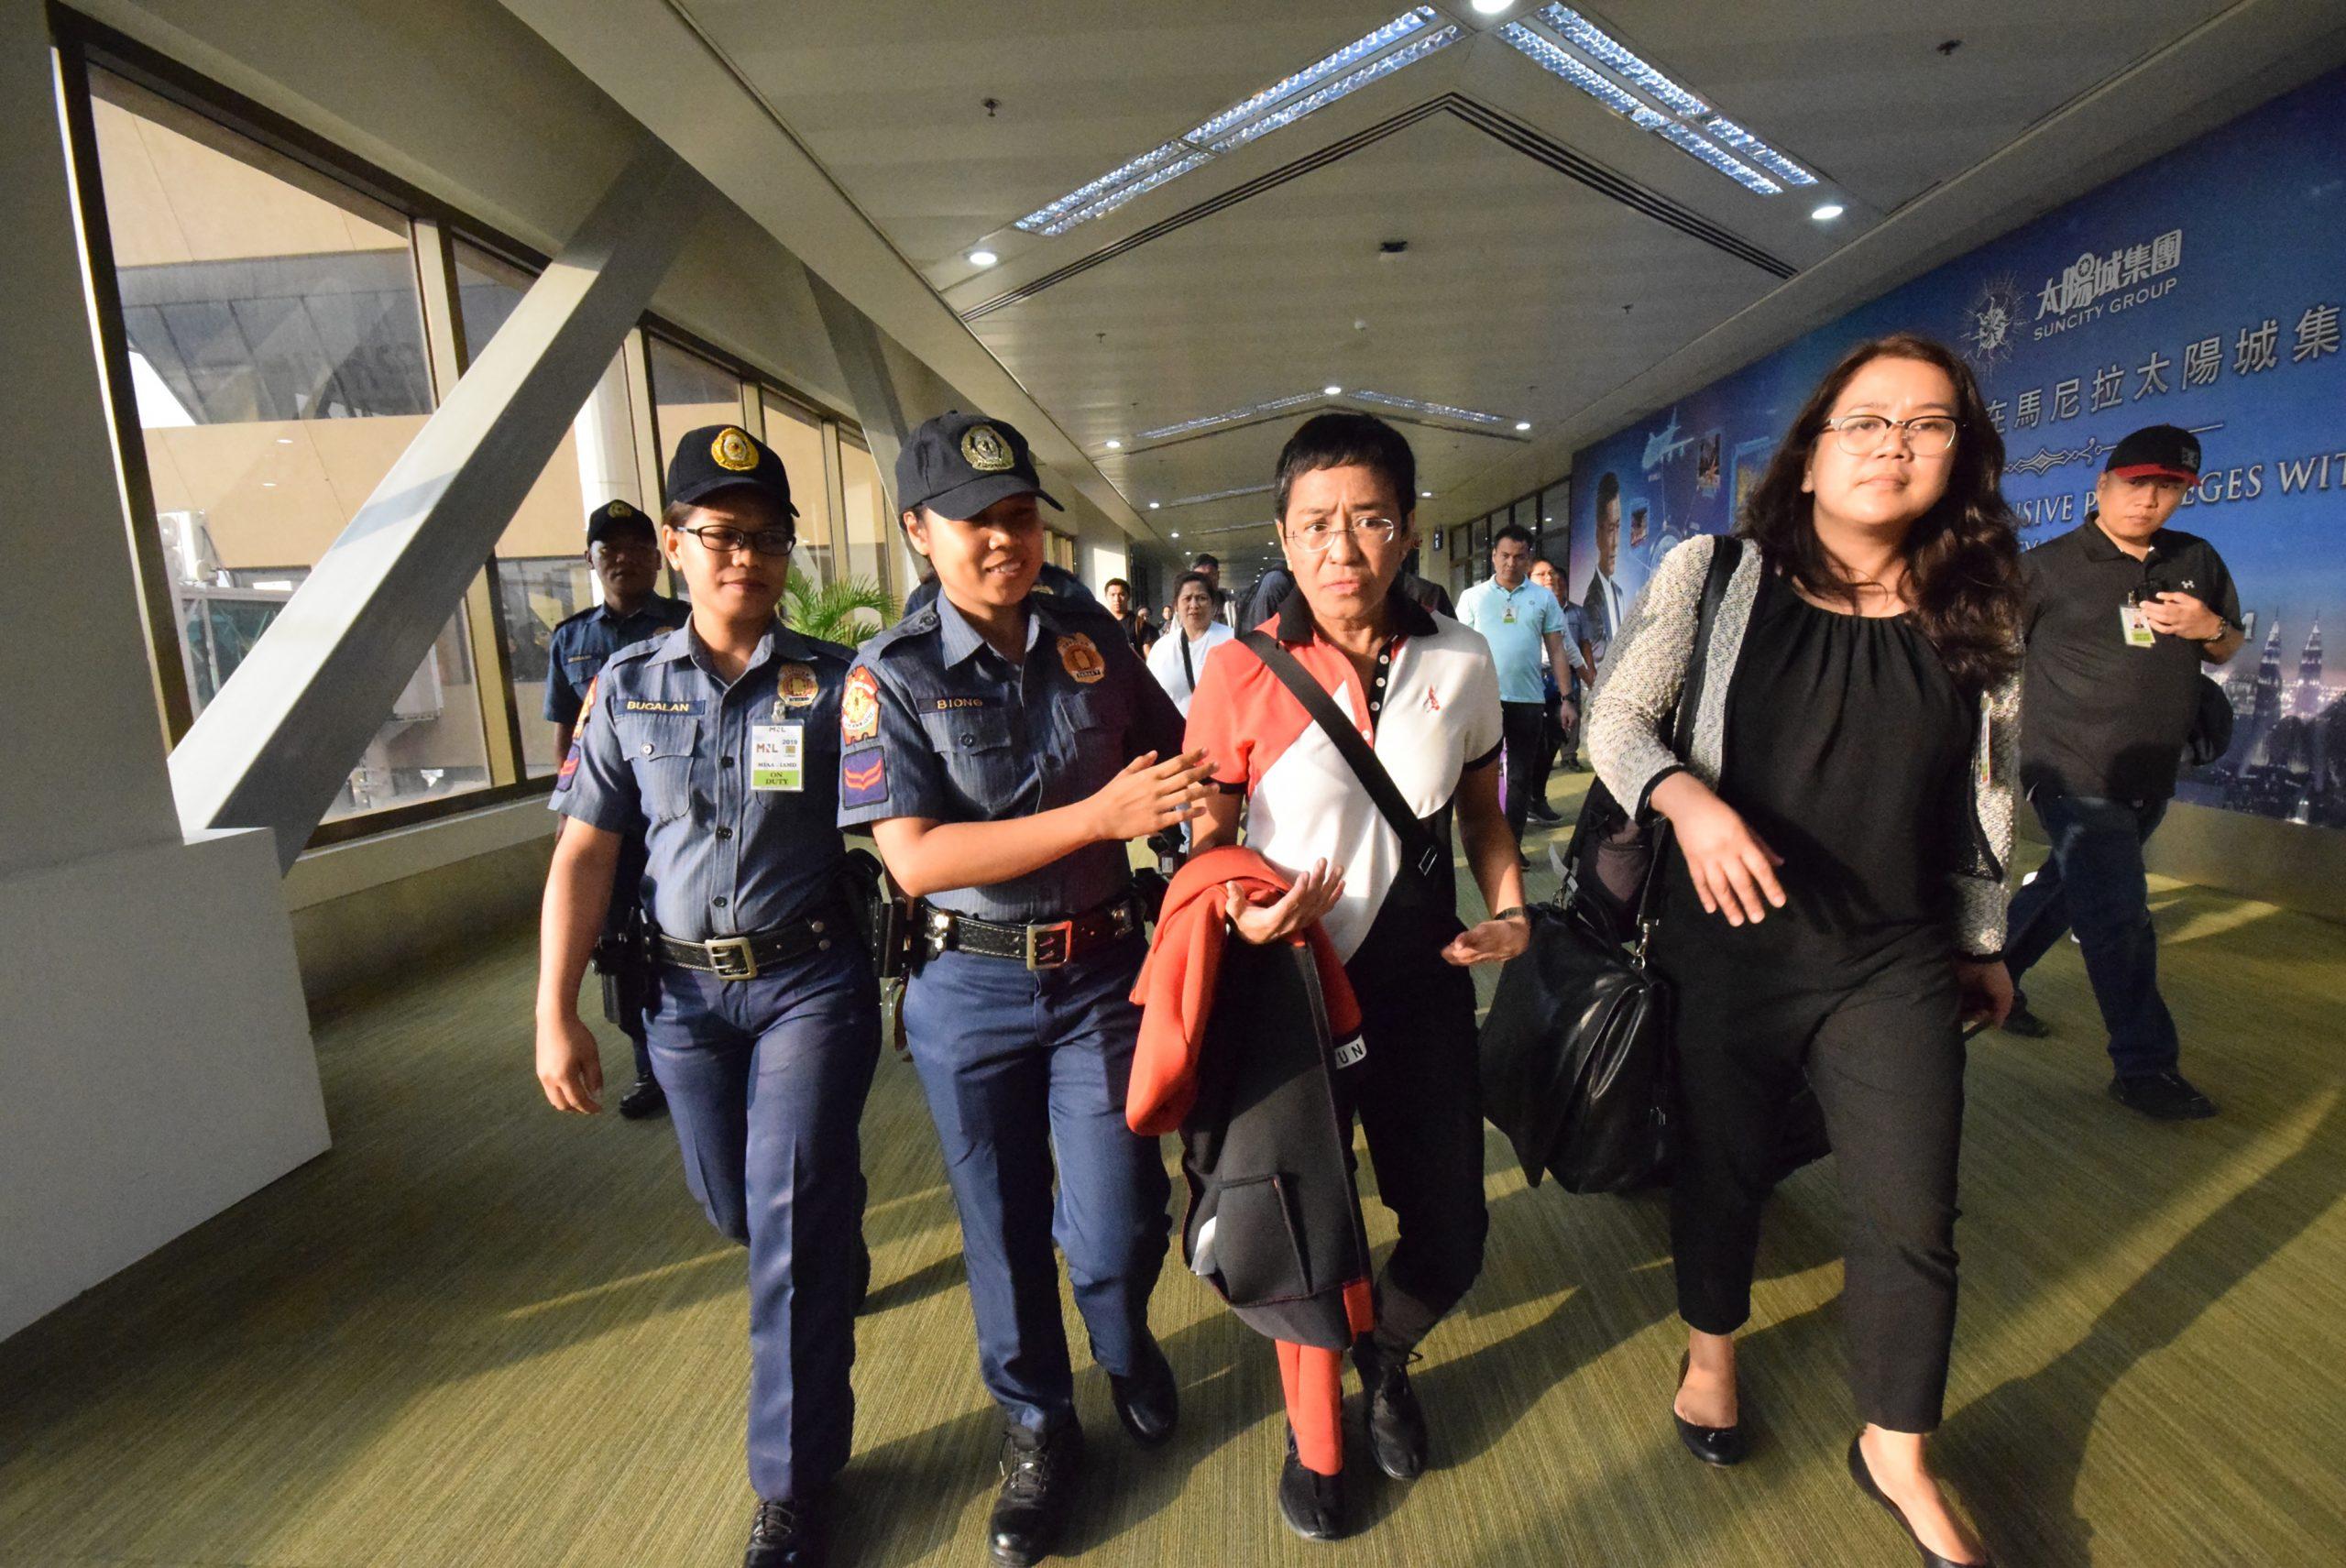 Police escort Philippine journalist Maria Ressa